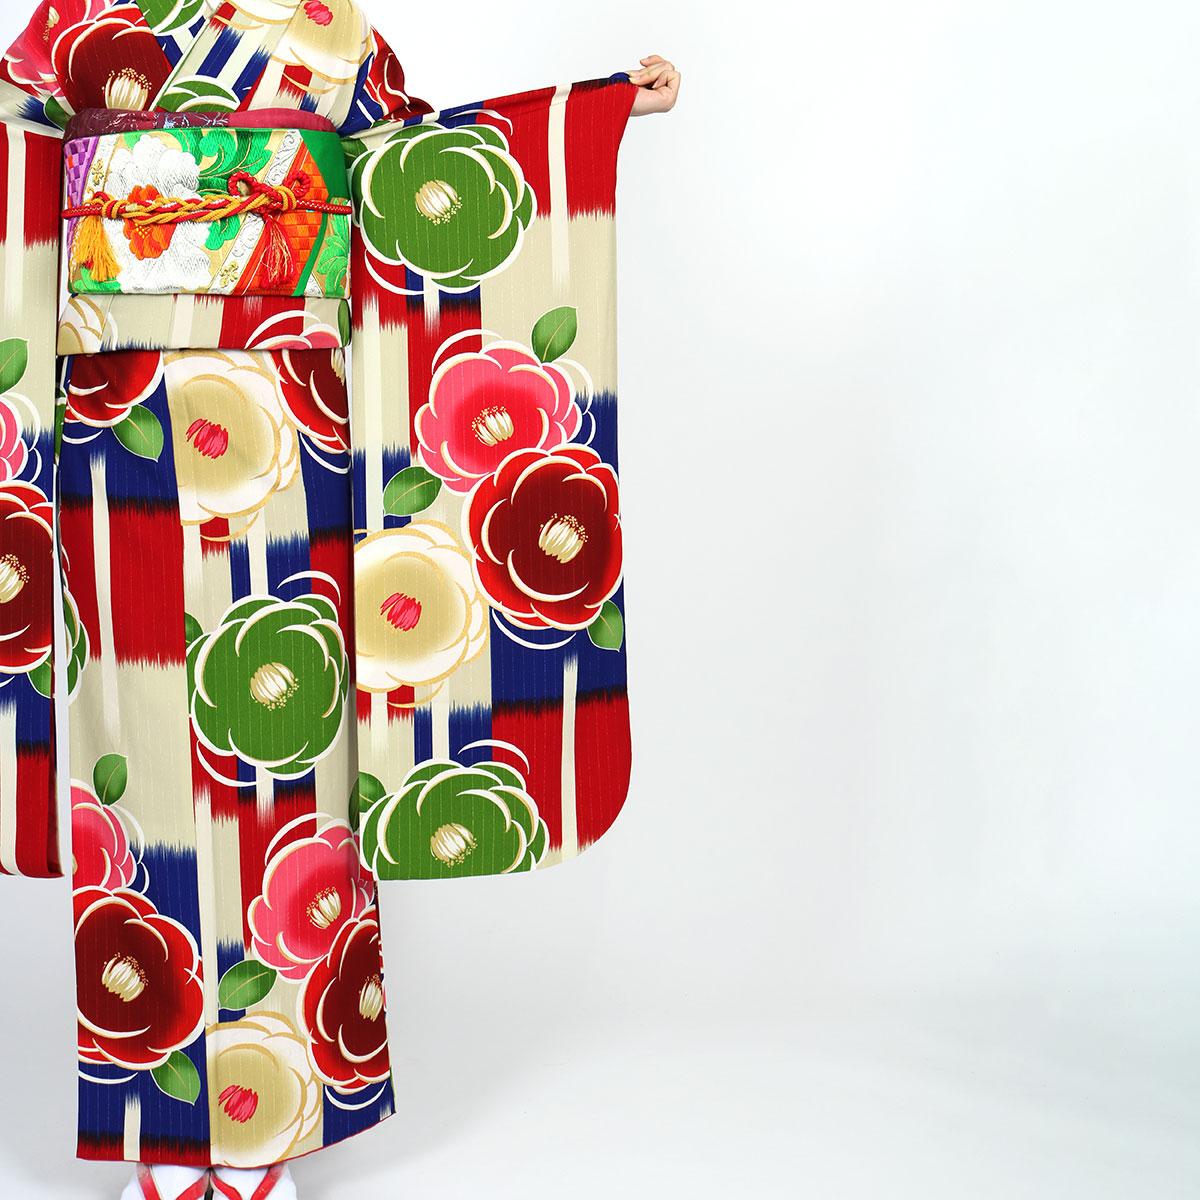 |送料無料|【レンタル】【成人式】 [安心の長期間レンタル]【対応身長155cm〜170cm】レンタル振袖フルセット-896|花柄|レトロ|ポップキ